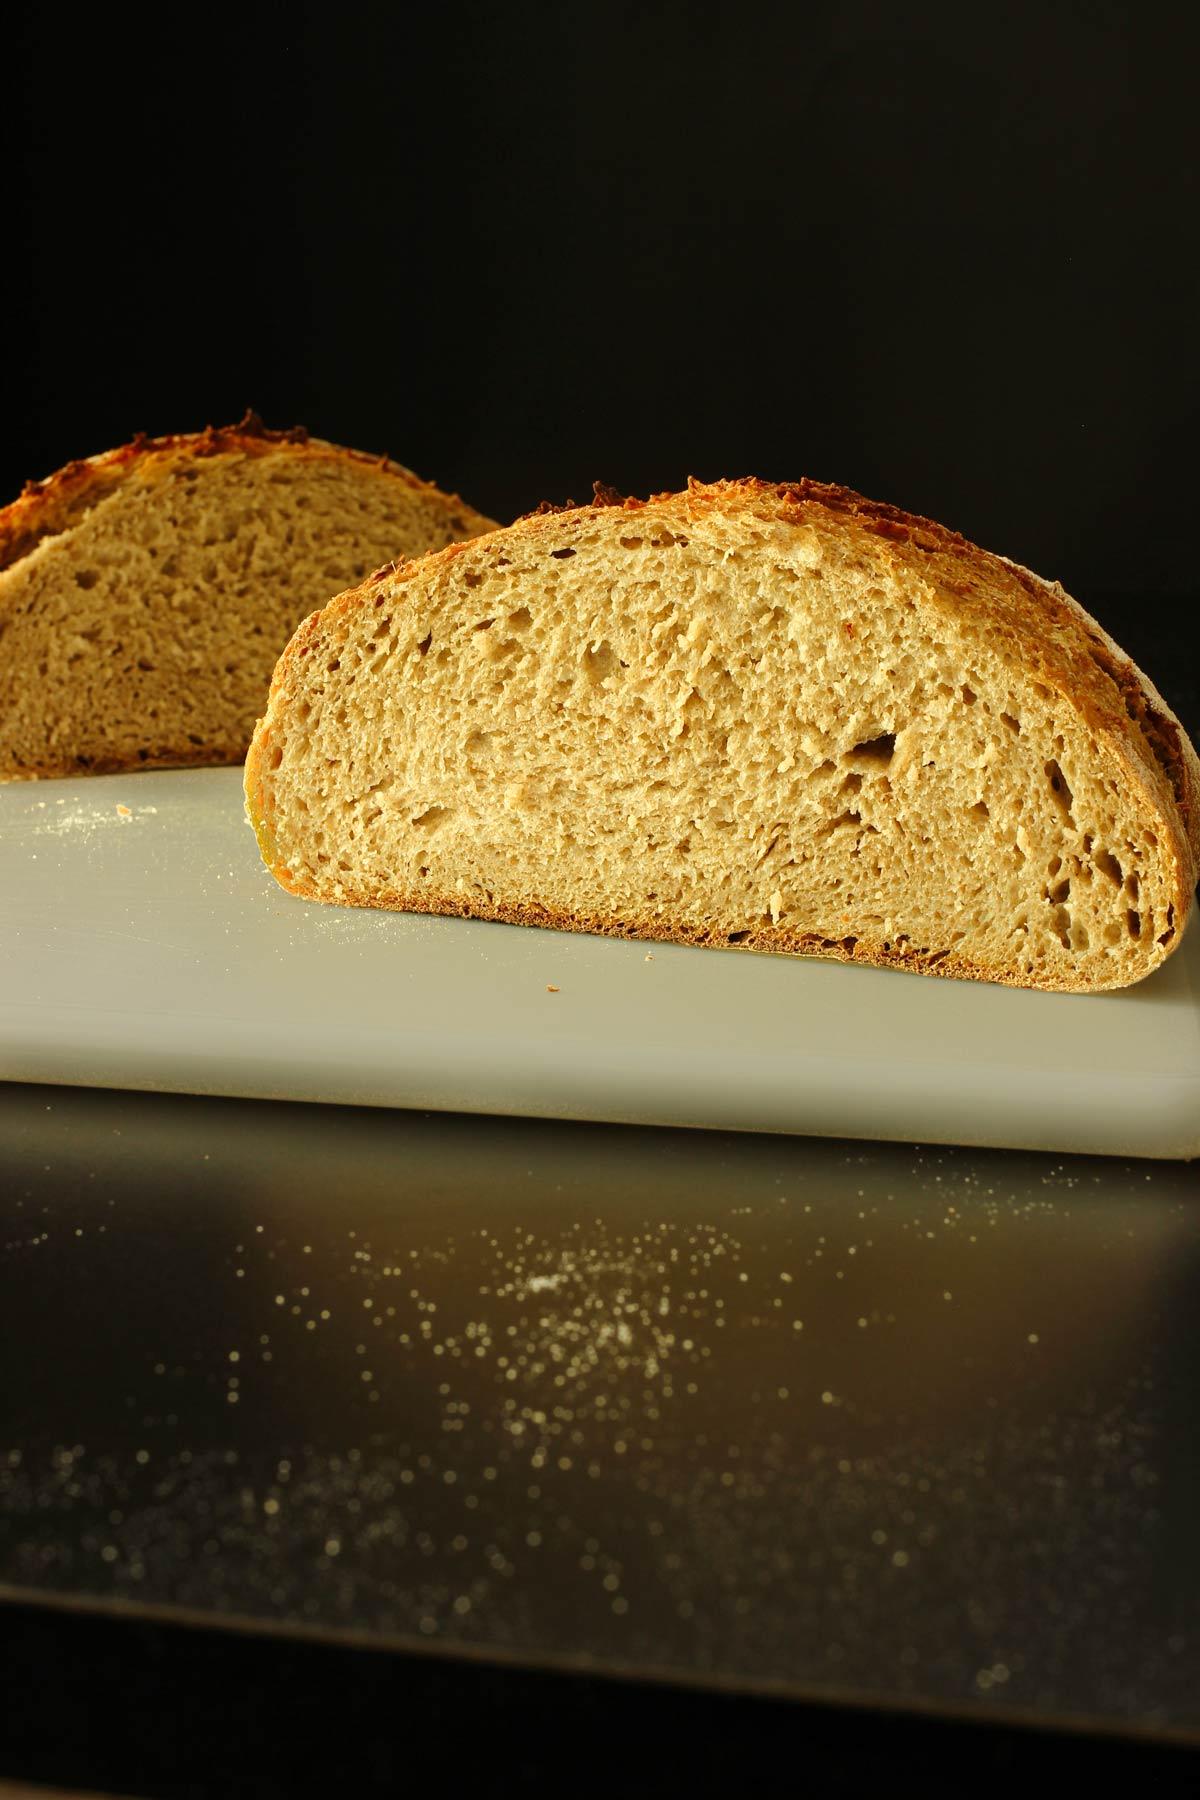 loaf of sourdough rye on the cutting board cut in half.